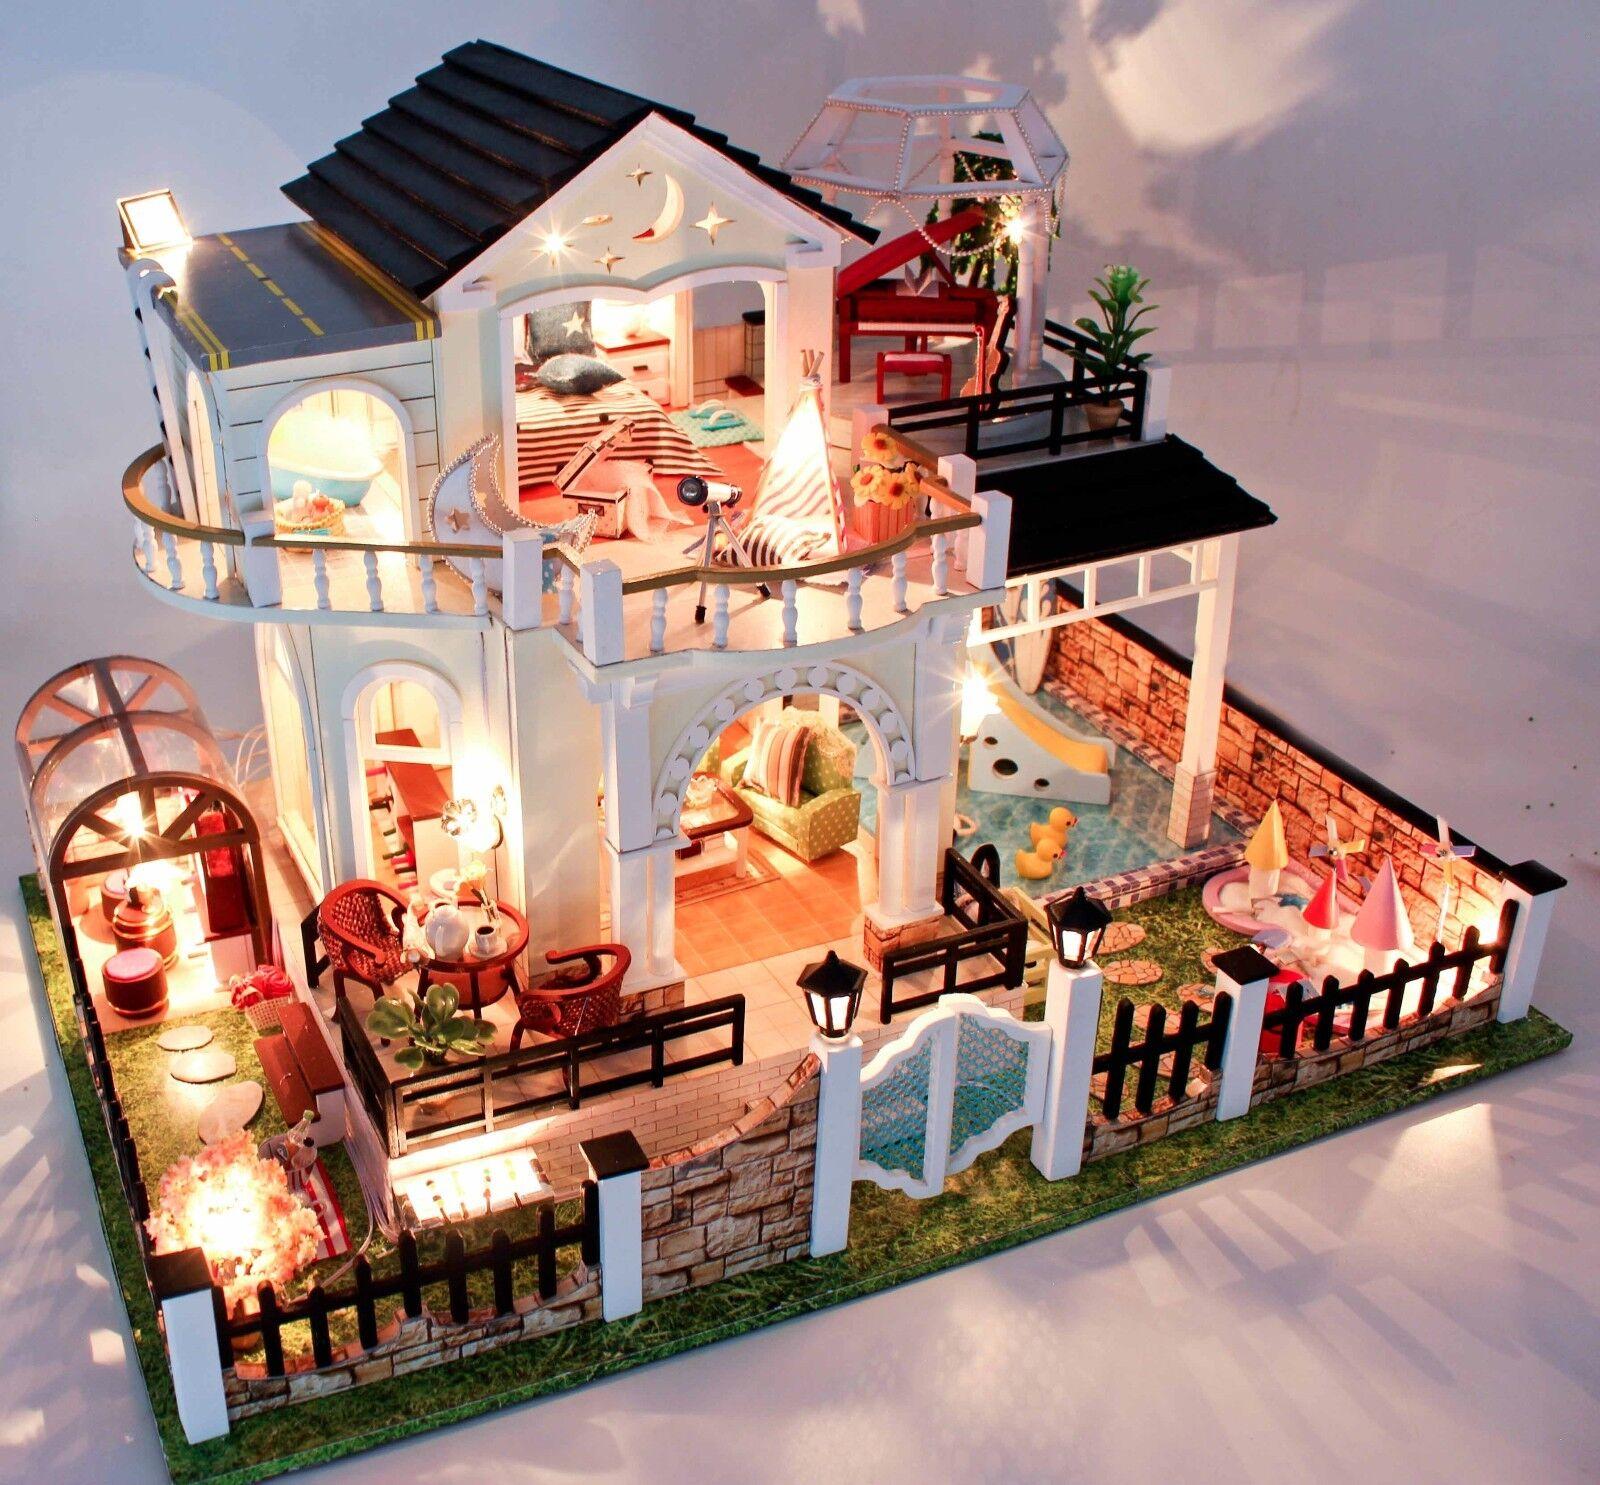 Bricolaje Artesanía Miniatura Proyectos Madera Casa de Muñecas mi Poco In Turkey